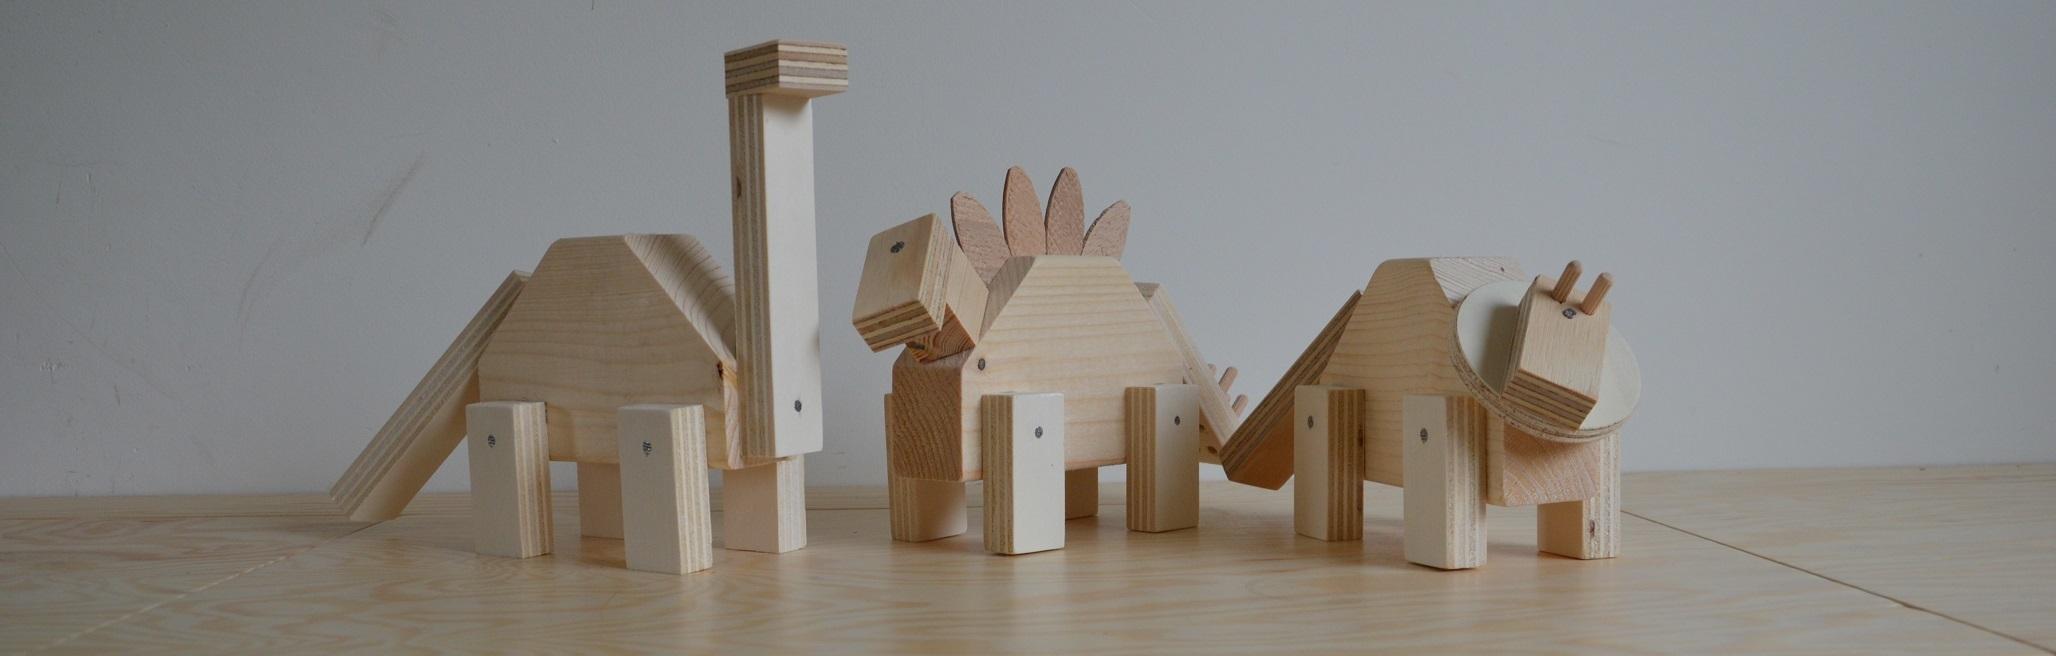 dino feestje kinderfeestje houten dino's